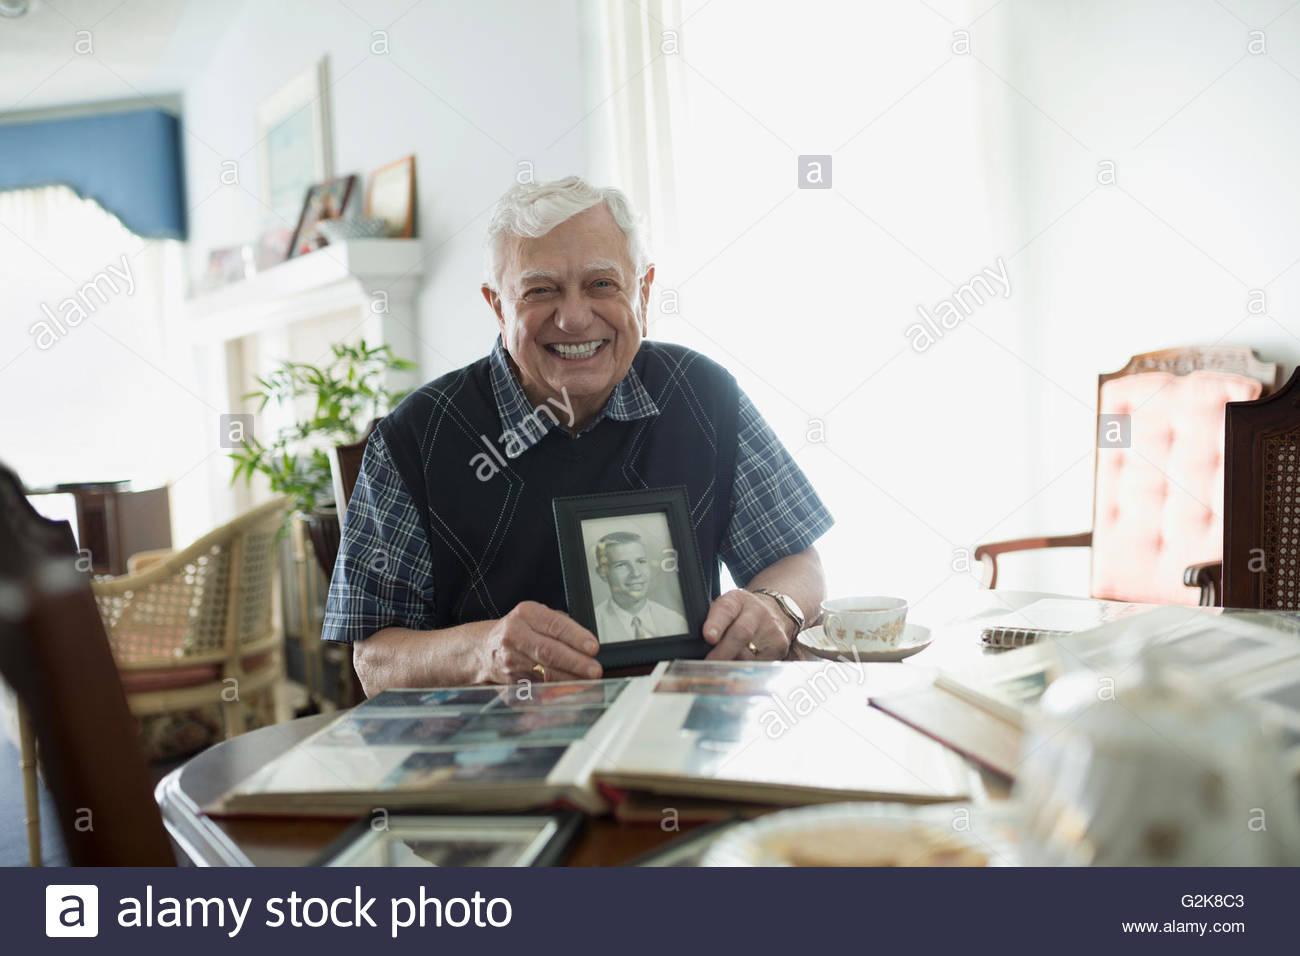 Portrait of smiling senior man holding ancienne photo de son jeune auto Photo Stock